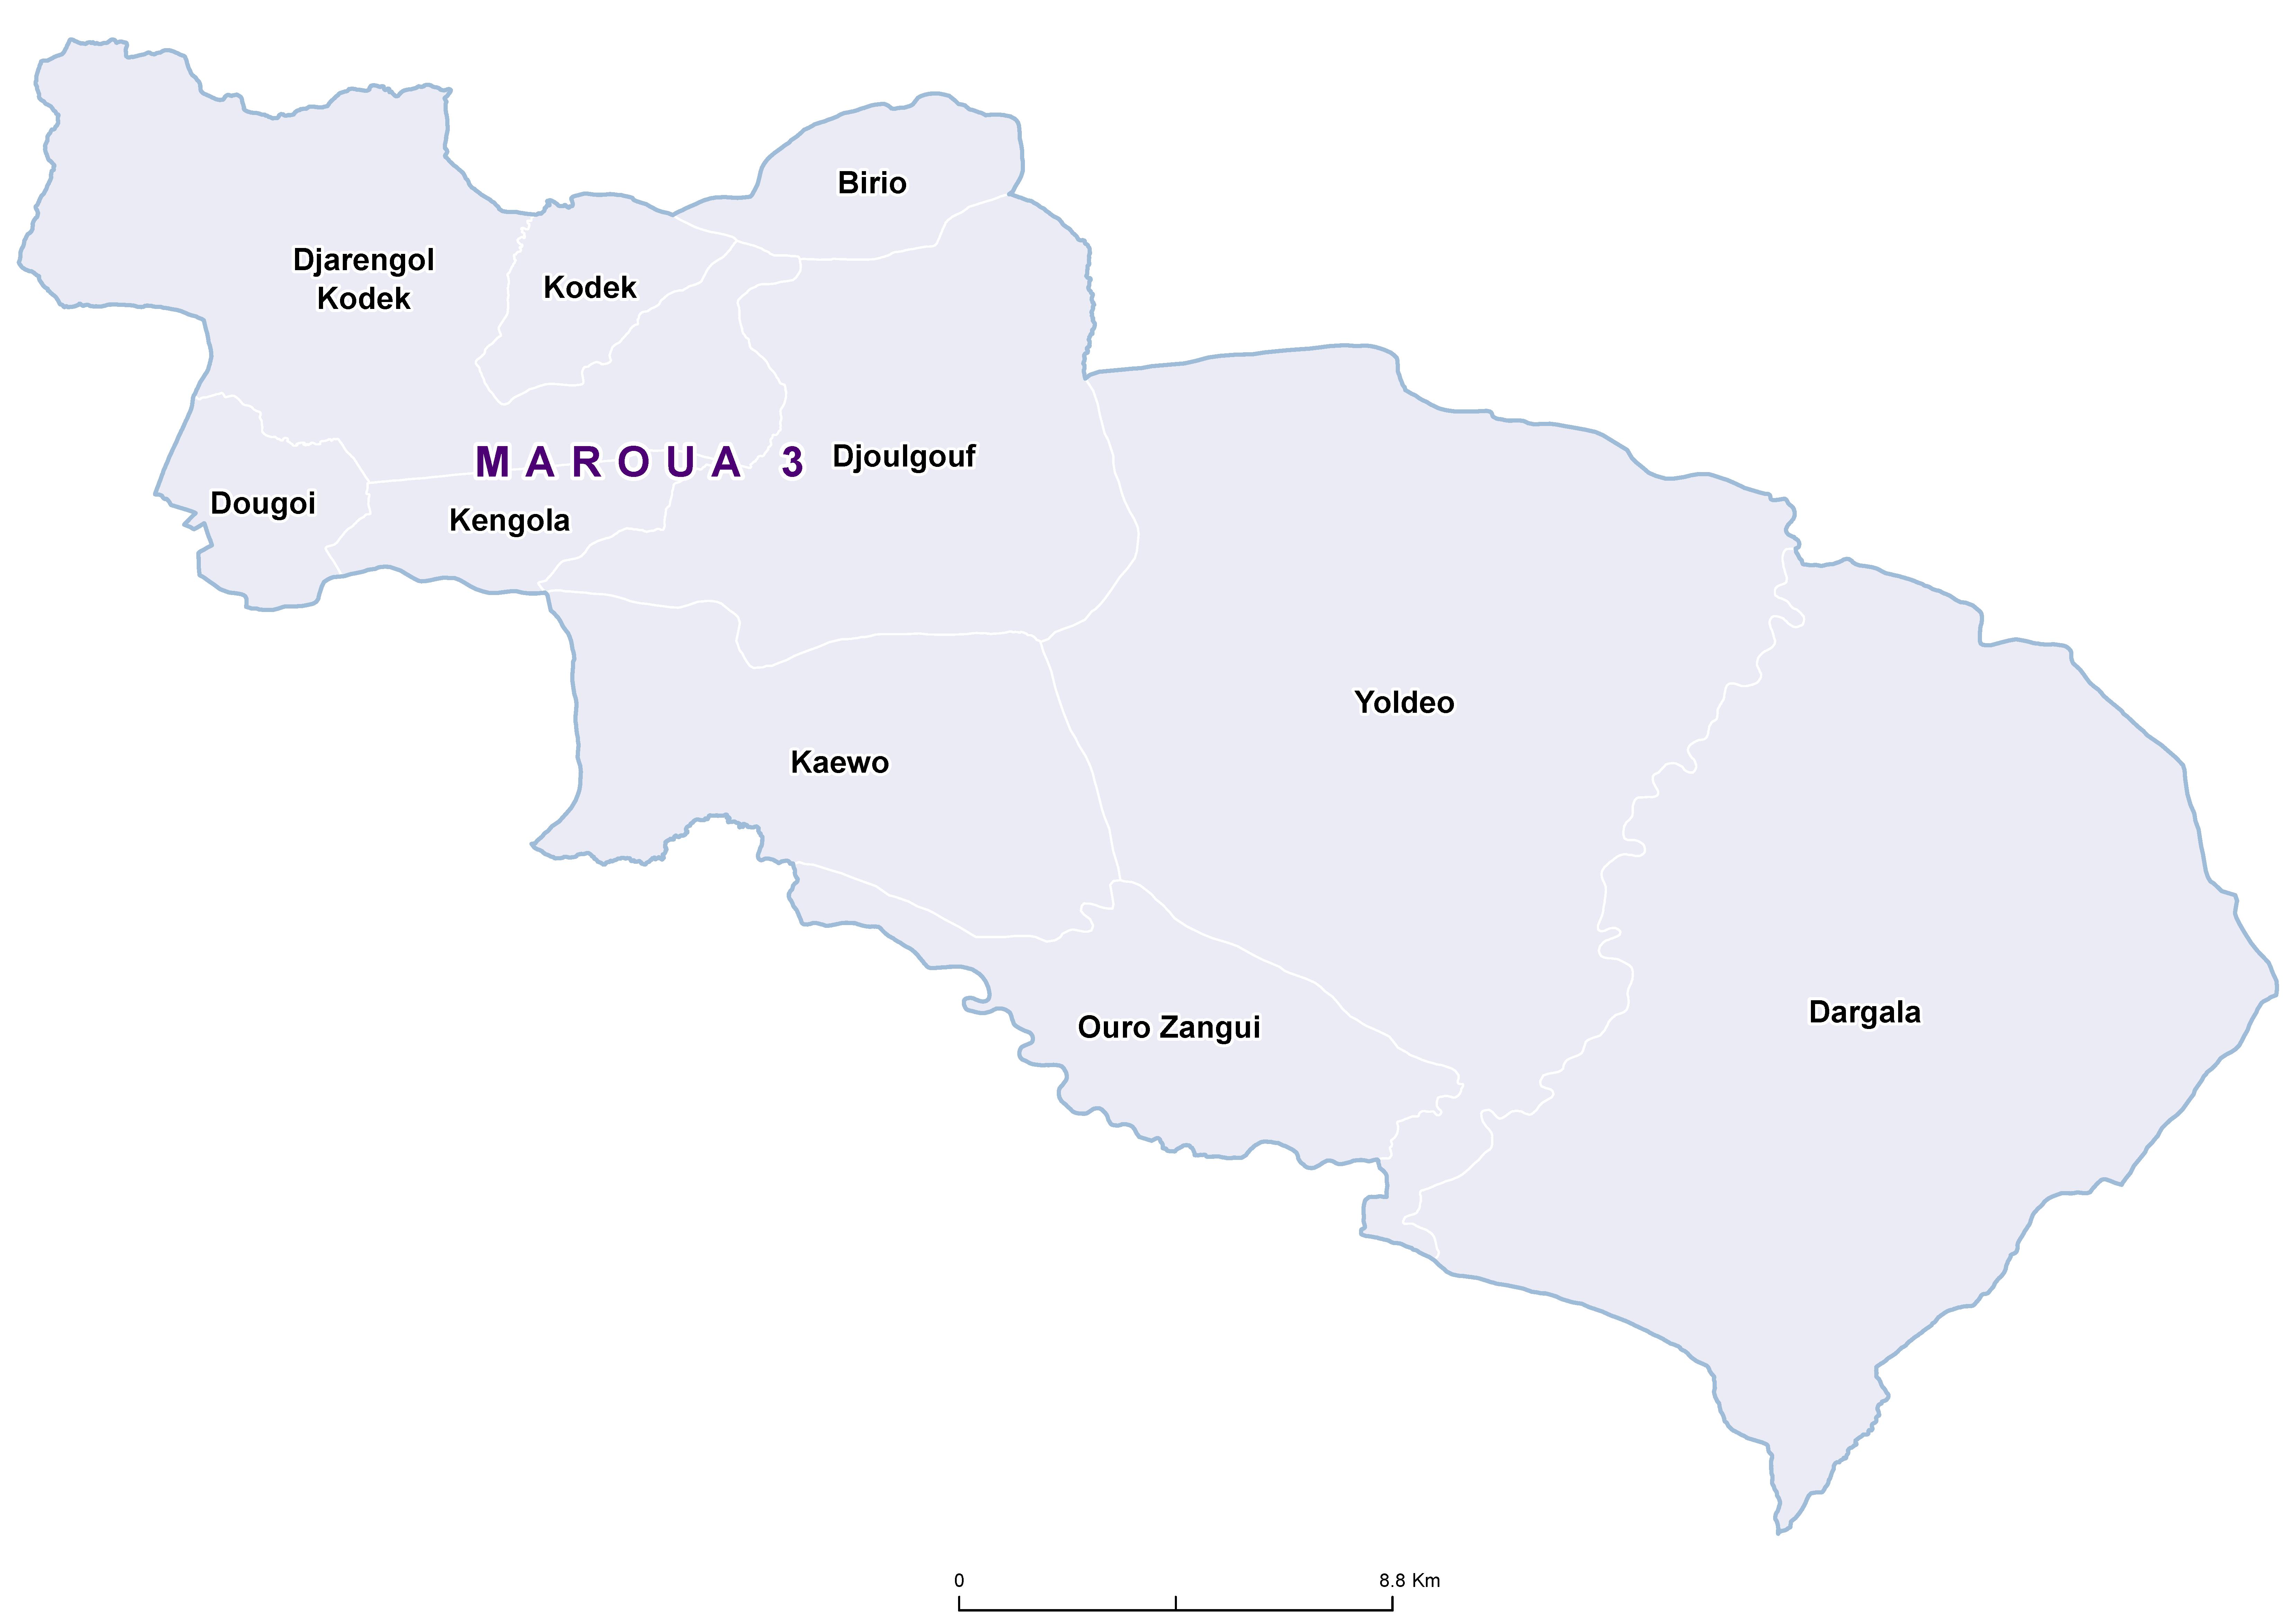 Maroua 3 STH 20180001